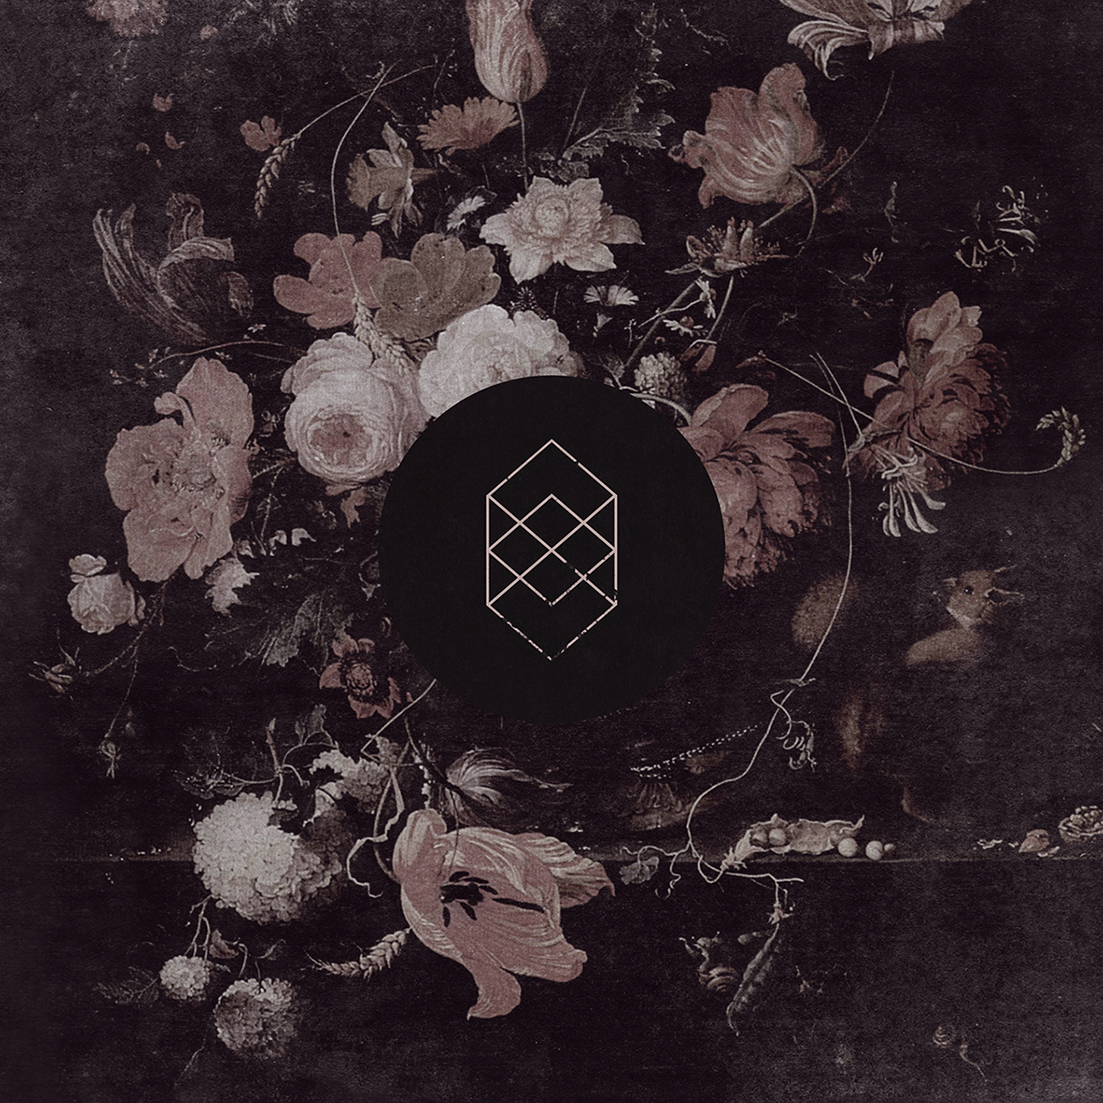 KOKOMO_Monochrome-Noise-Love_Vinyl_Cover.jpg